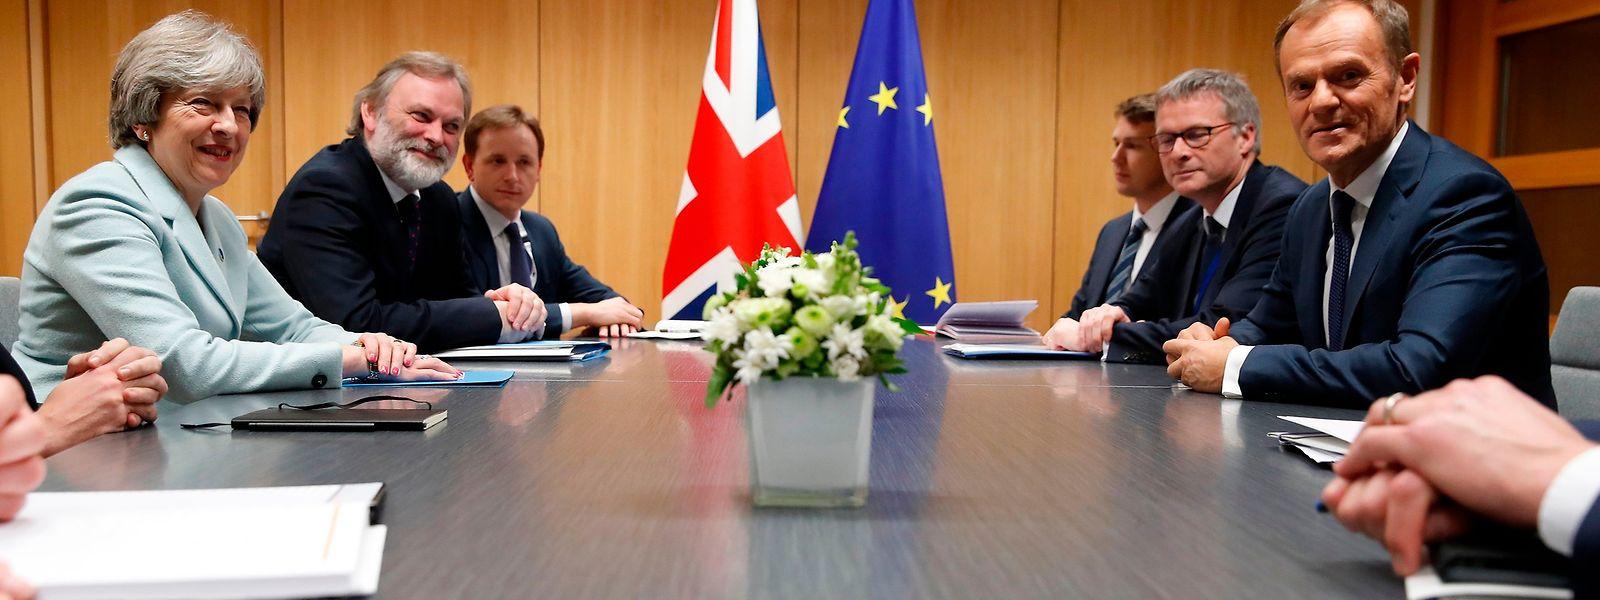 Der Start der zweiten Verhandlungsphase Mitte Dezember sei immer noch möglich, erklärte EU-Ratspräsident Donald Tusk nach einem langen Gespräch mit der britischen Premierministerin Theresa May.